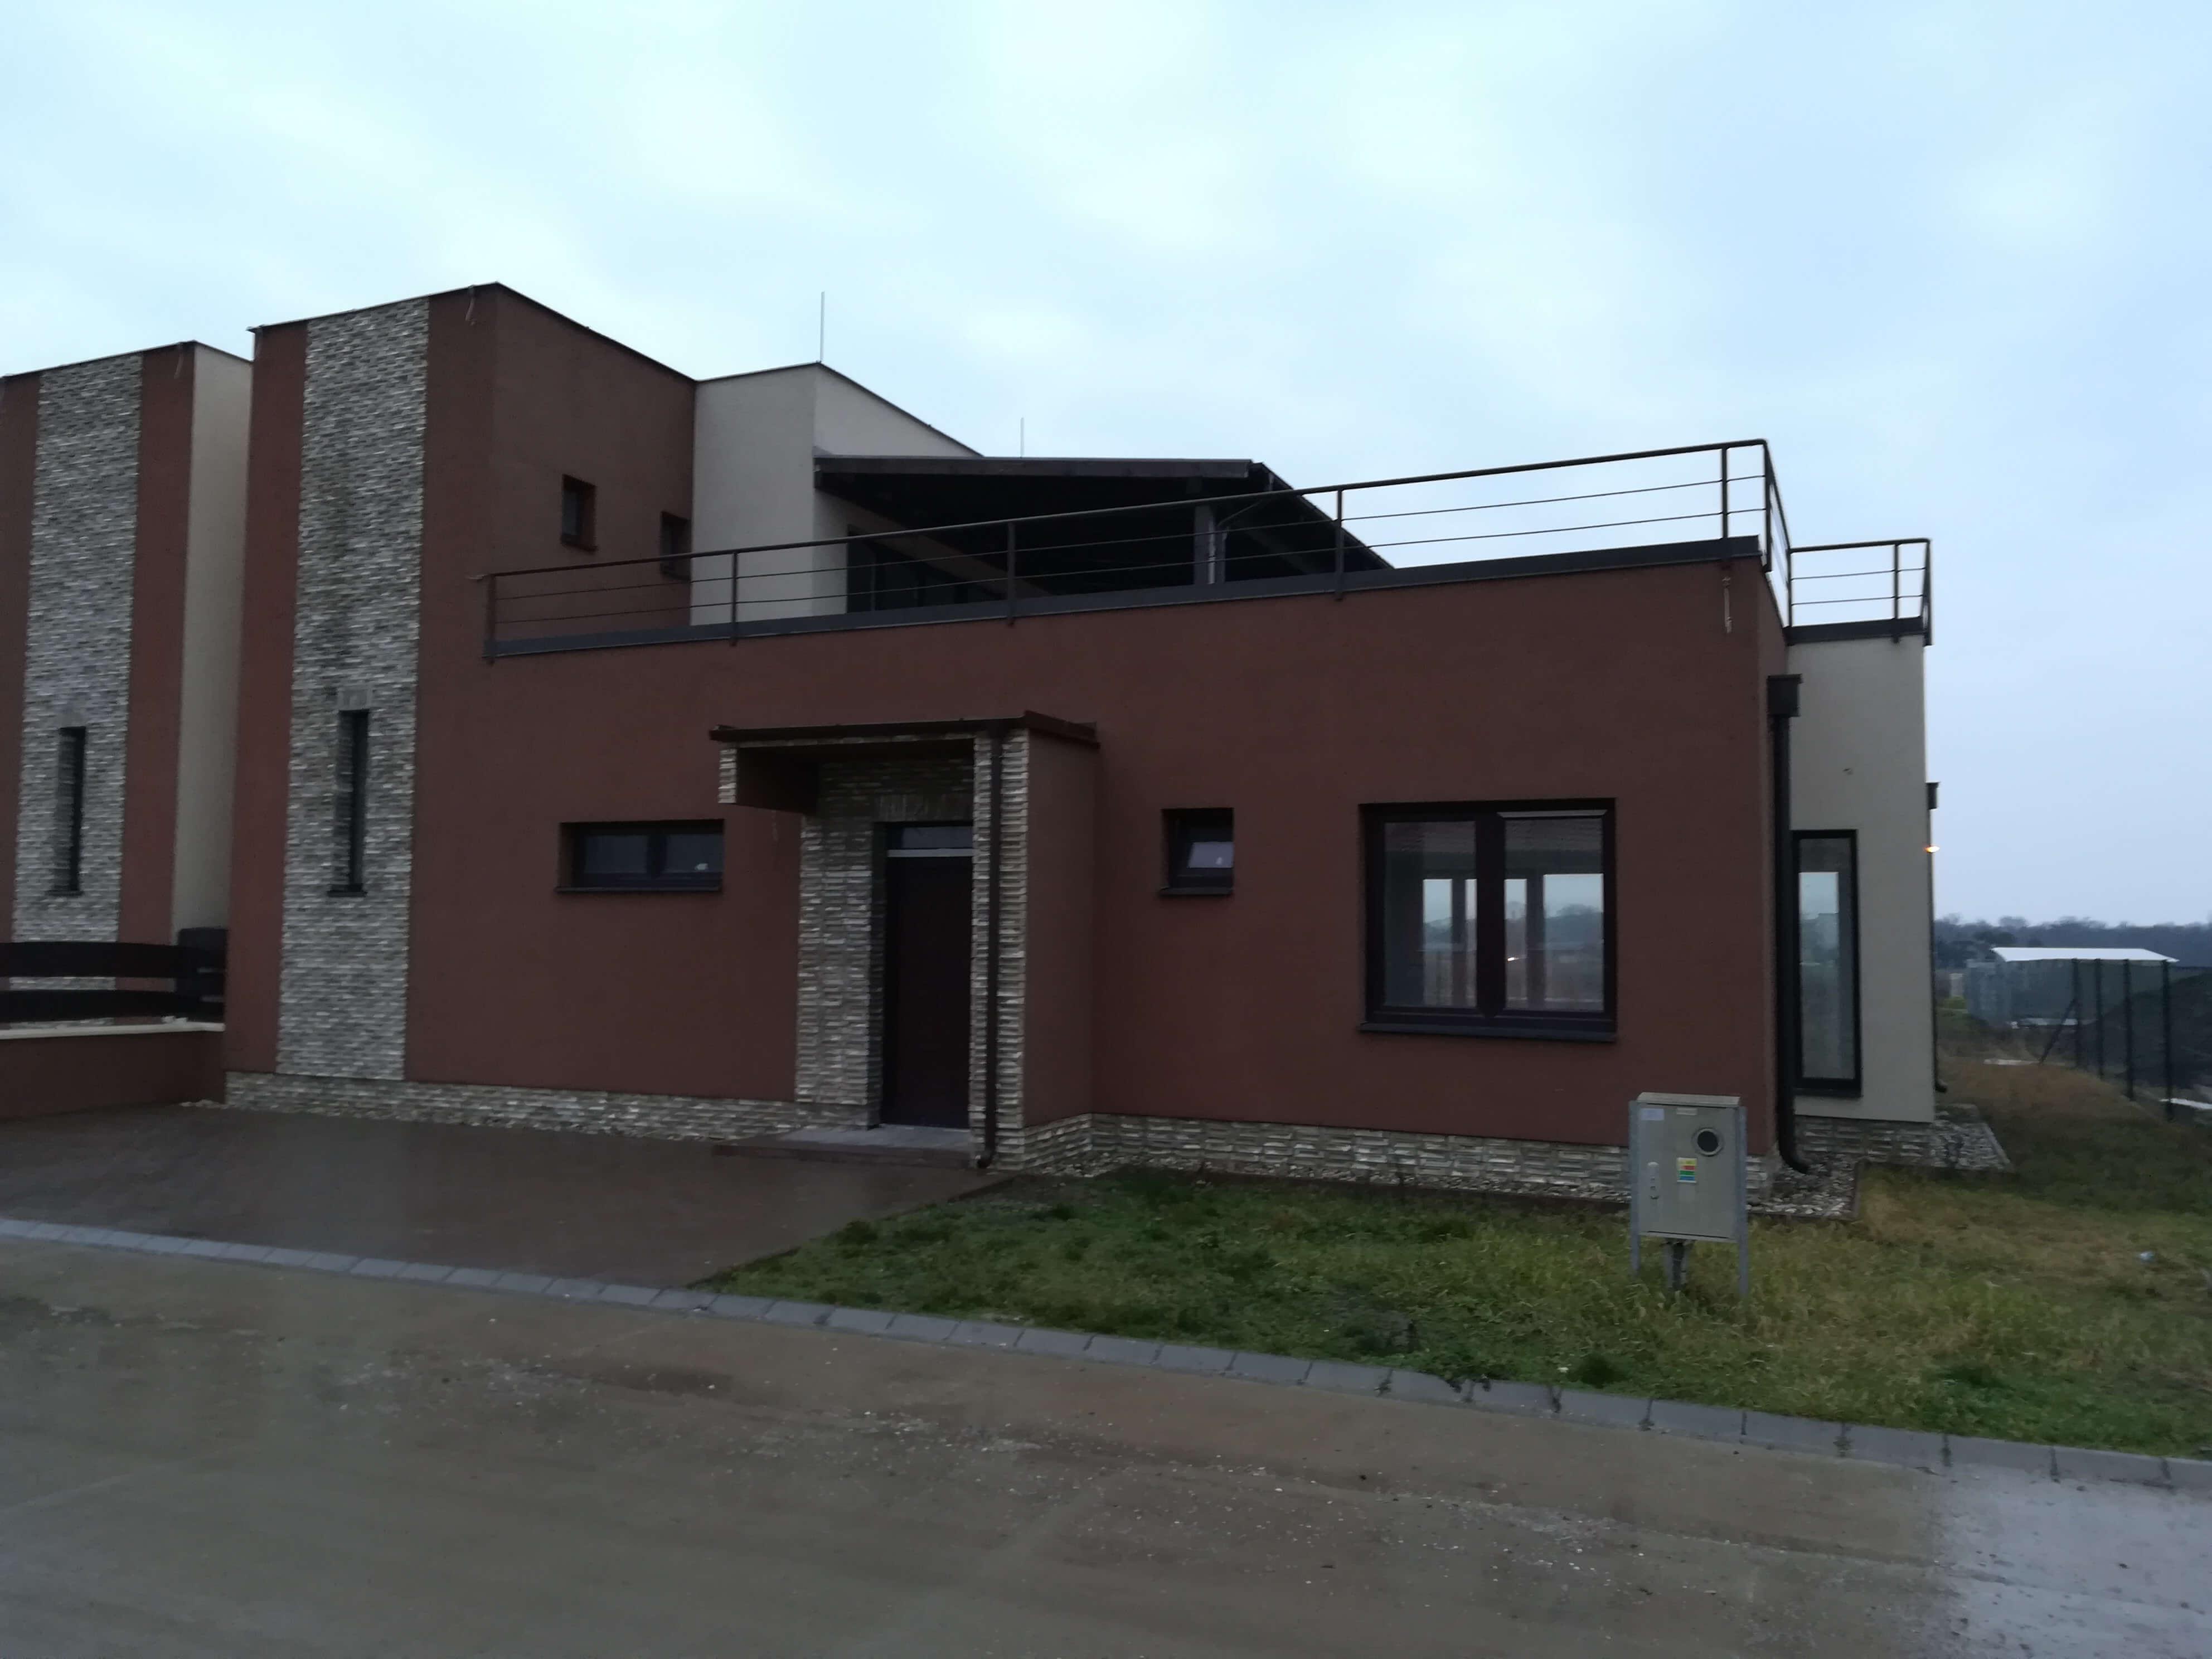 Predané: NOVOSTAVBA s terasou NA KĽÚČ + POZEMOK len 25km od Bratislavy-1